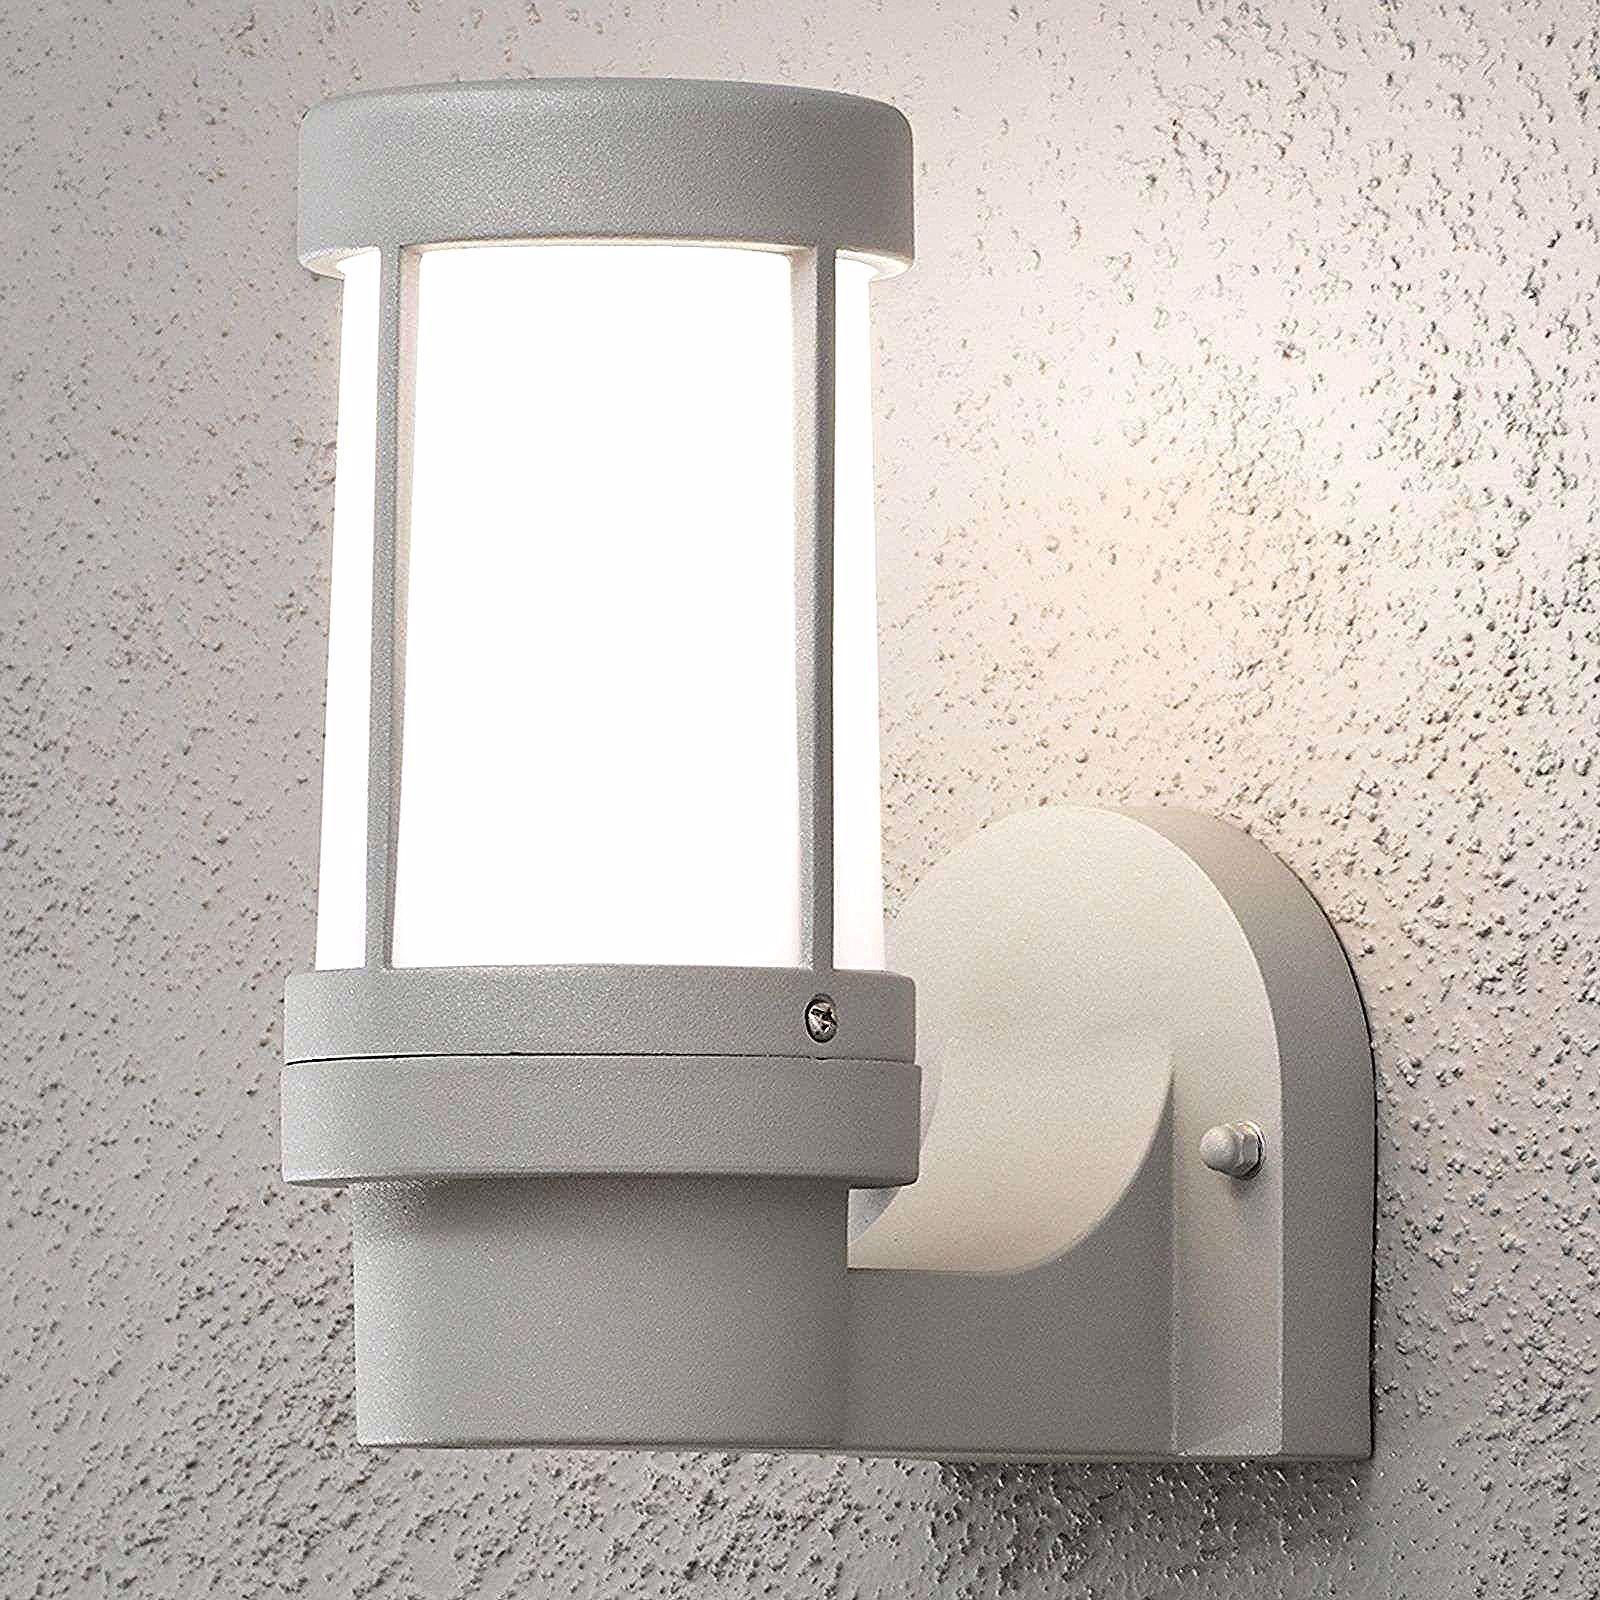 Applique Exterieur Industriel Eclairage Exterieur Solaire Boule Applique Exterieure Contemporaine Lumiere Outdoor Wall Lighting Outdoor Walls Wall Lights